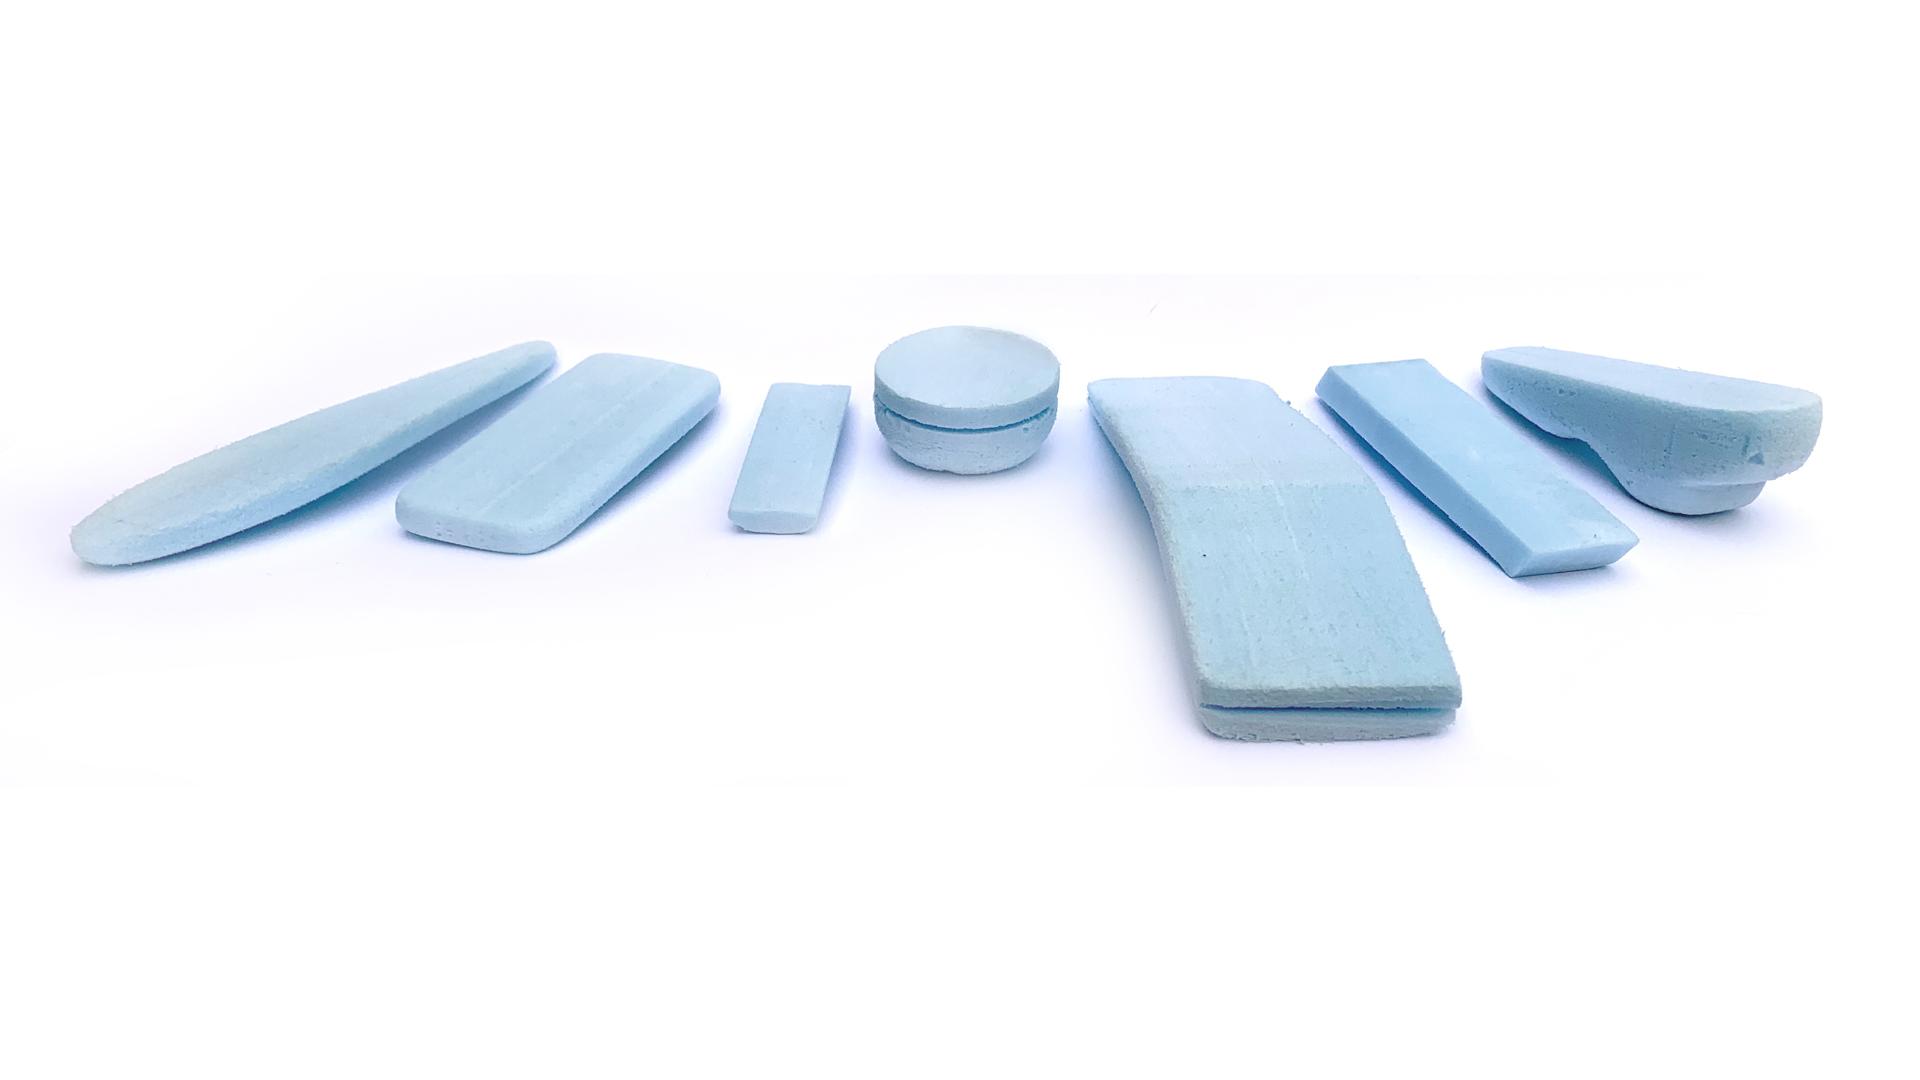 Blue Foam Remote Complete Picture